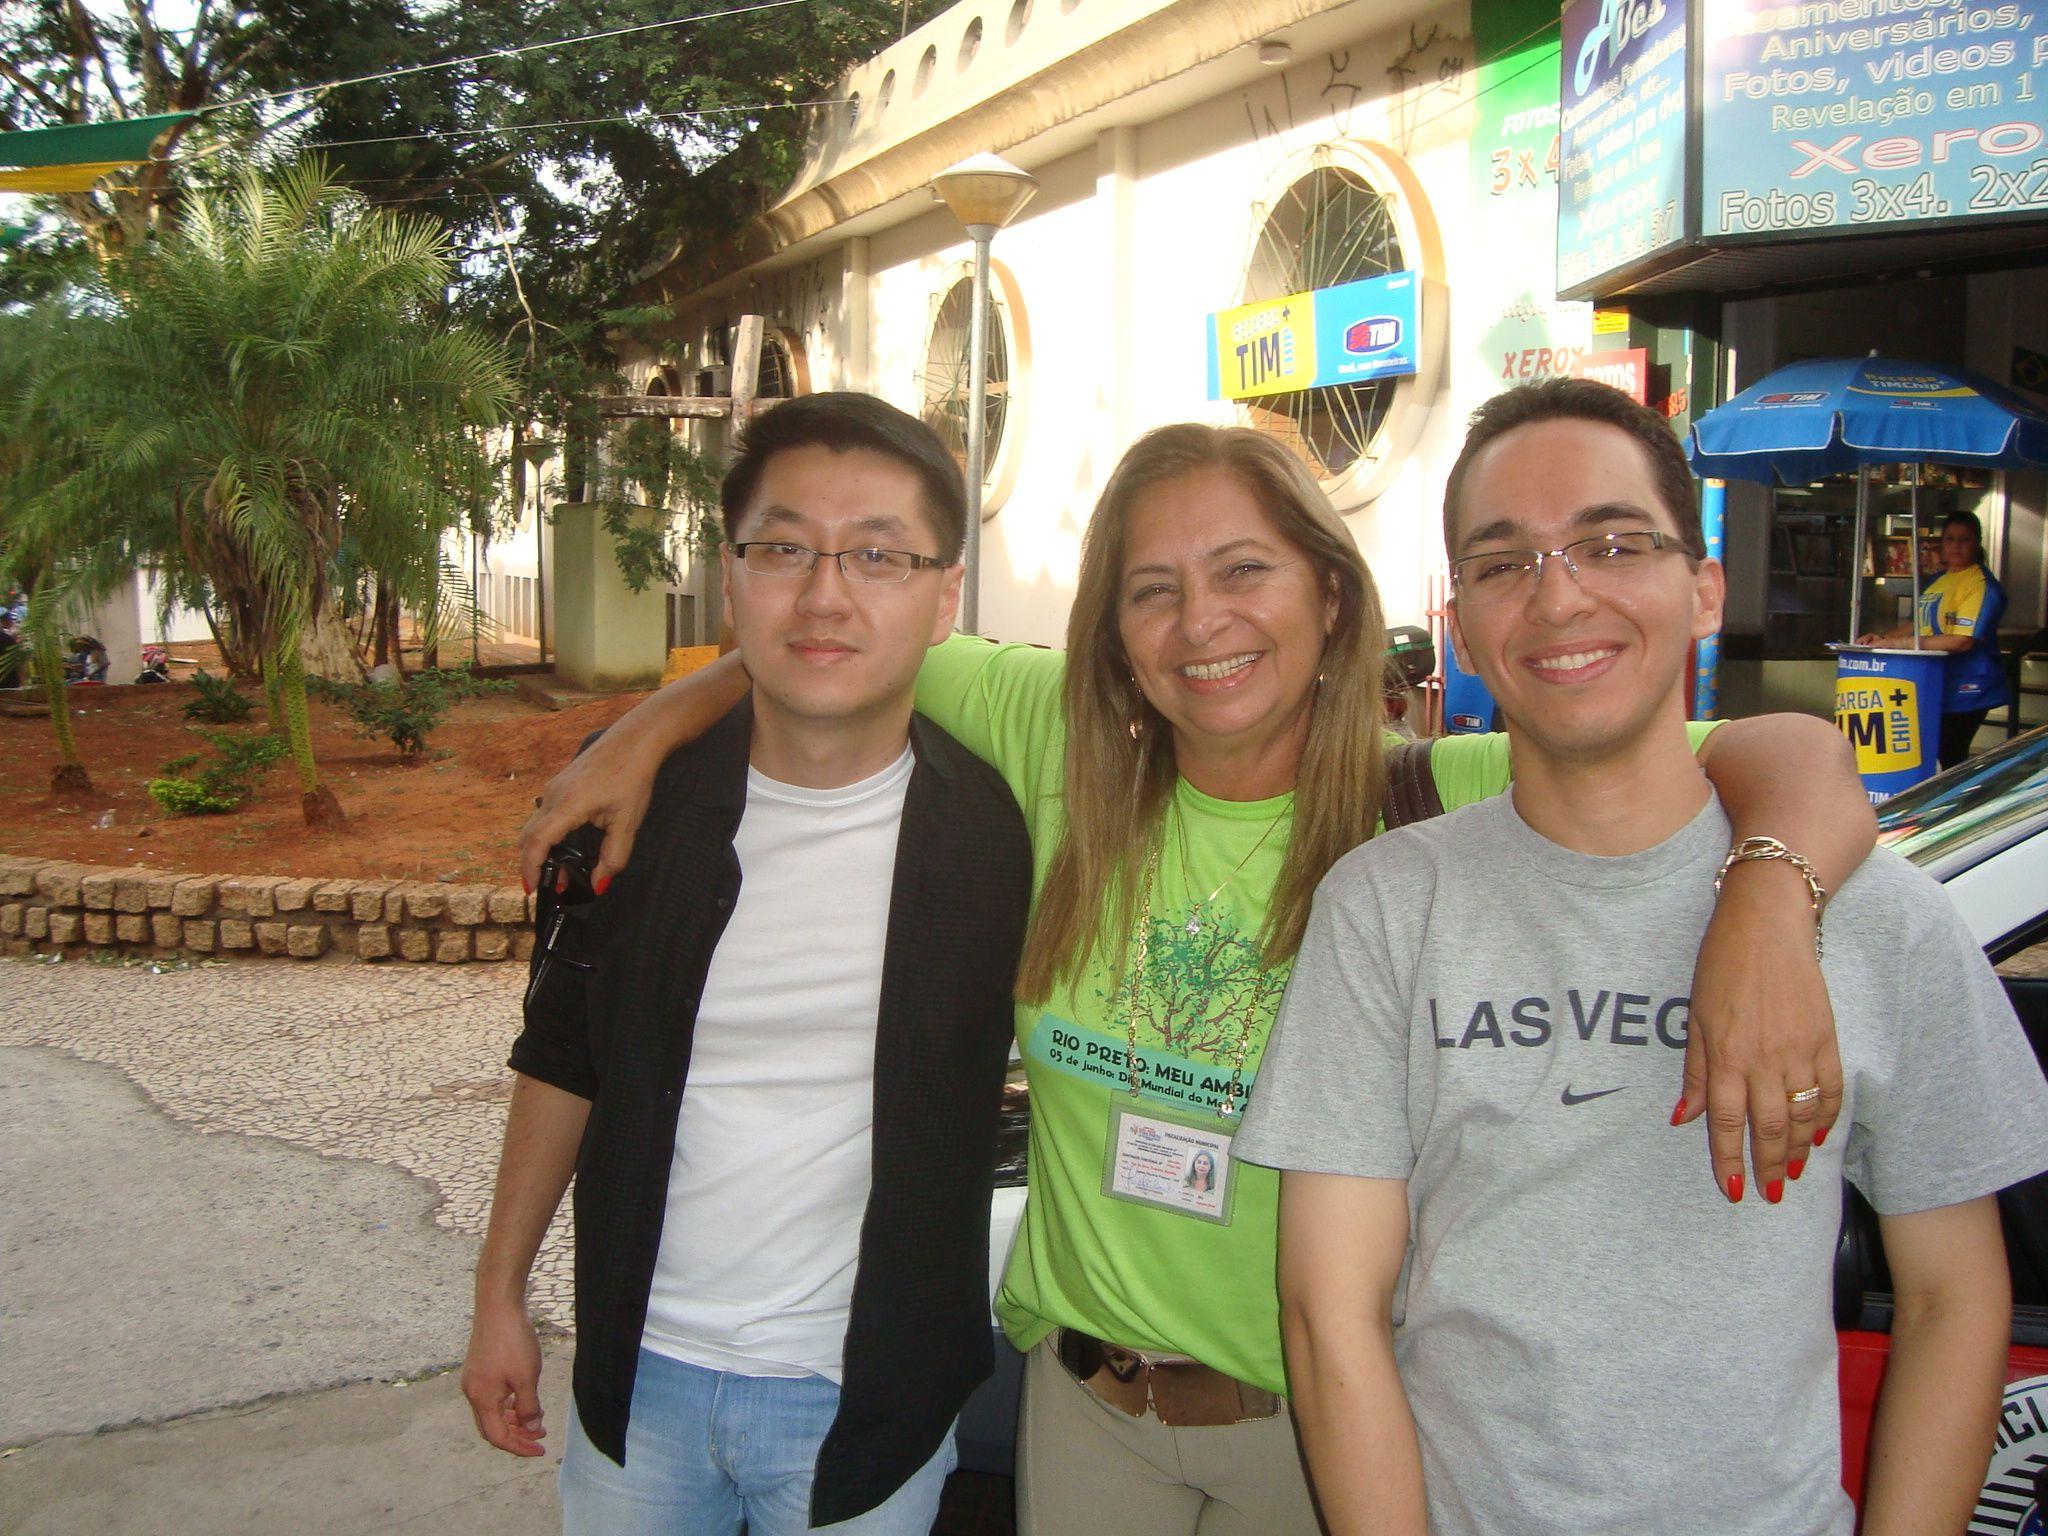 Fernando Fukunishi, Iris Tomaelo e Leandro Blanco Soares